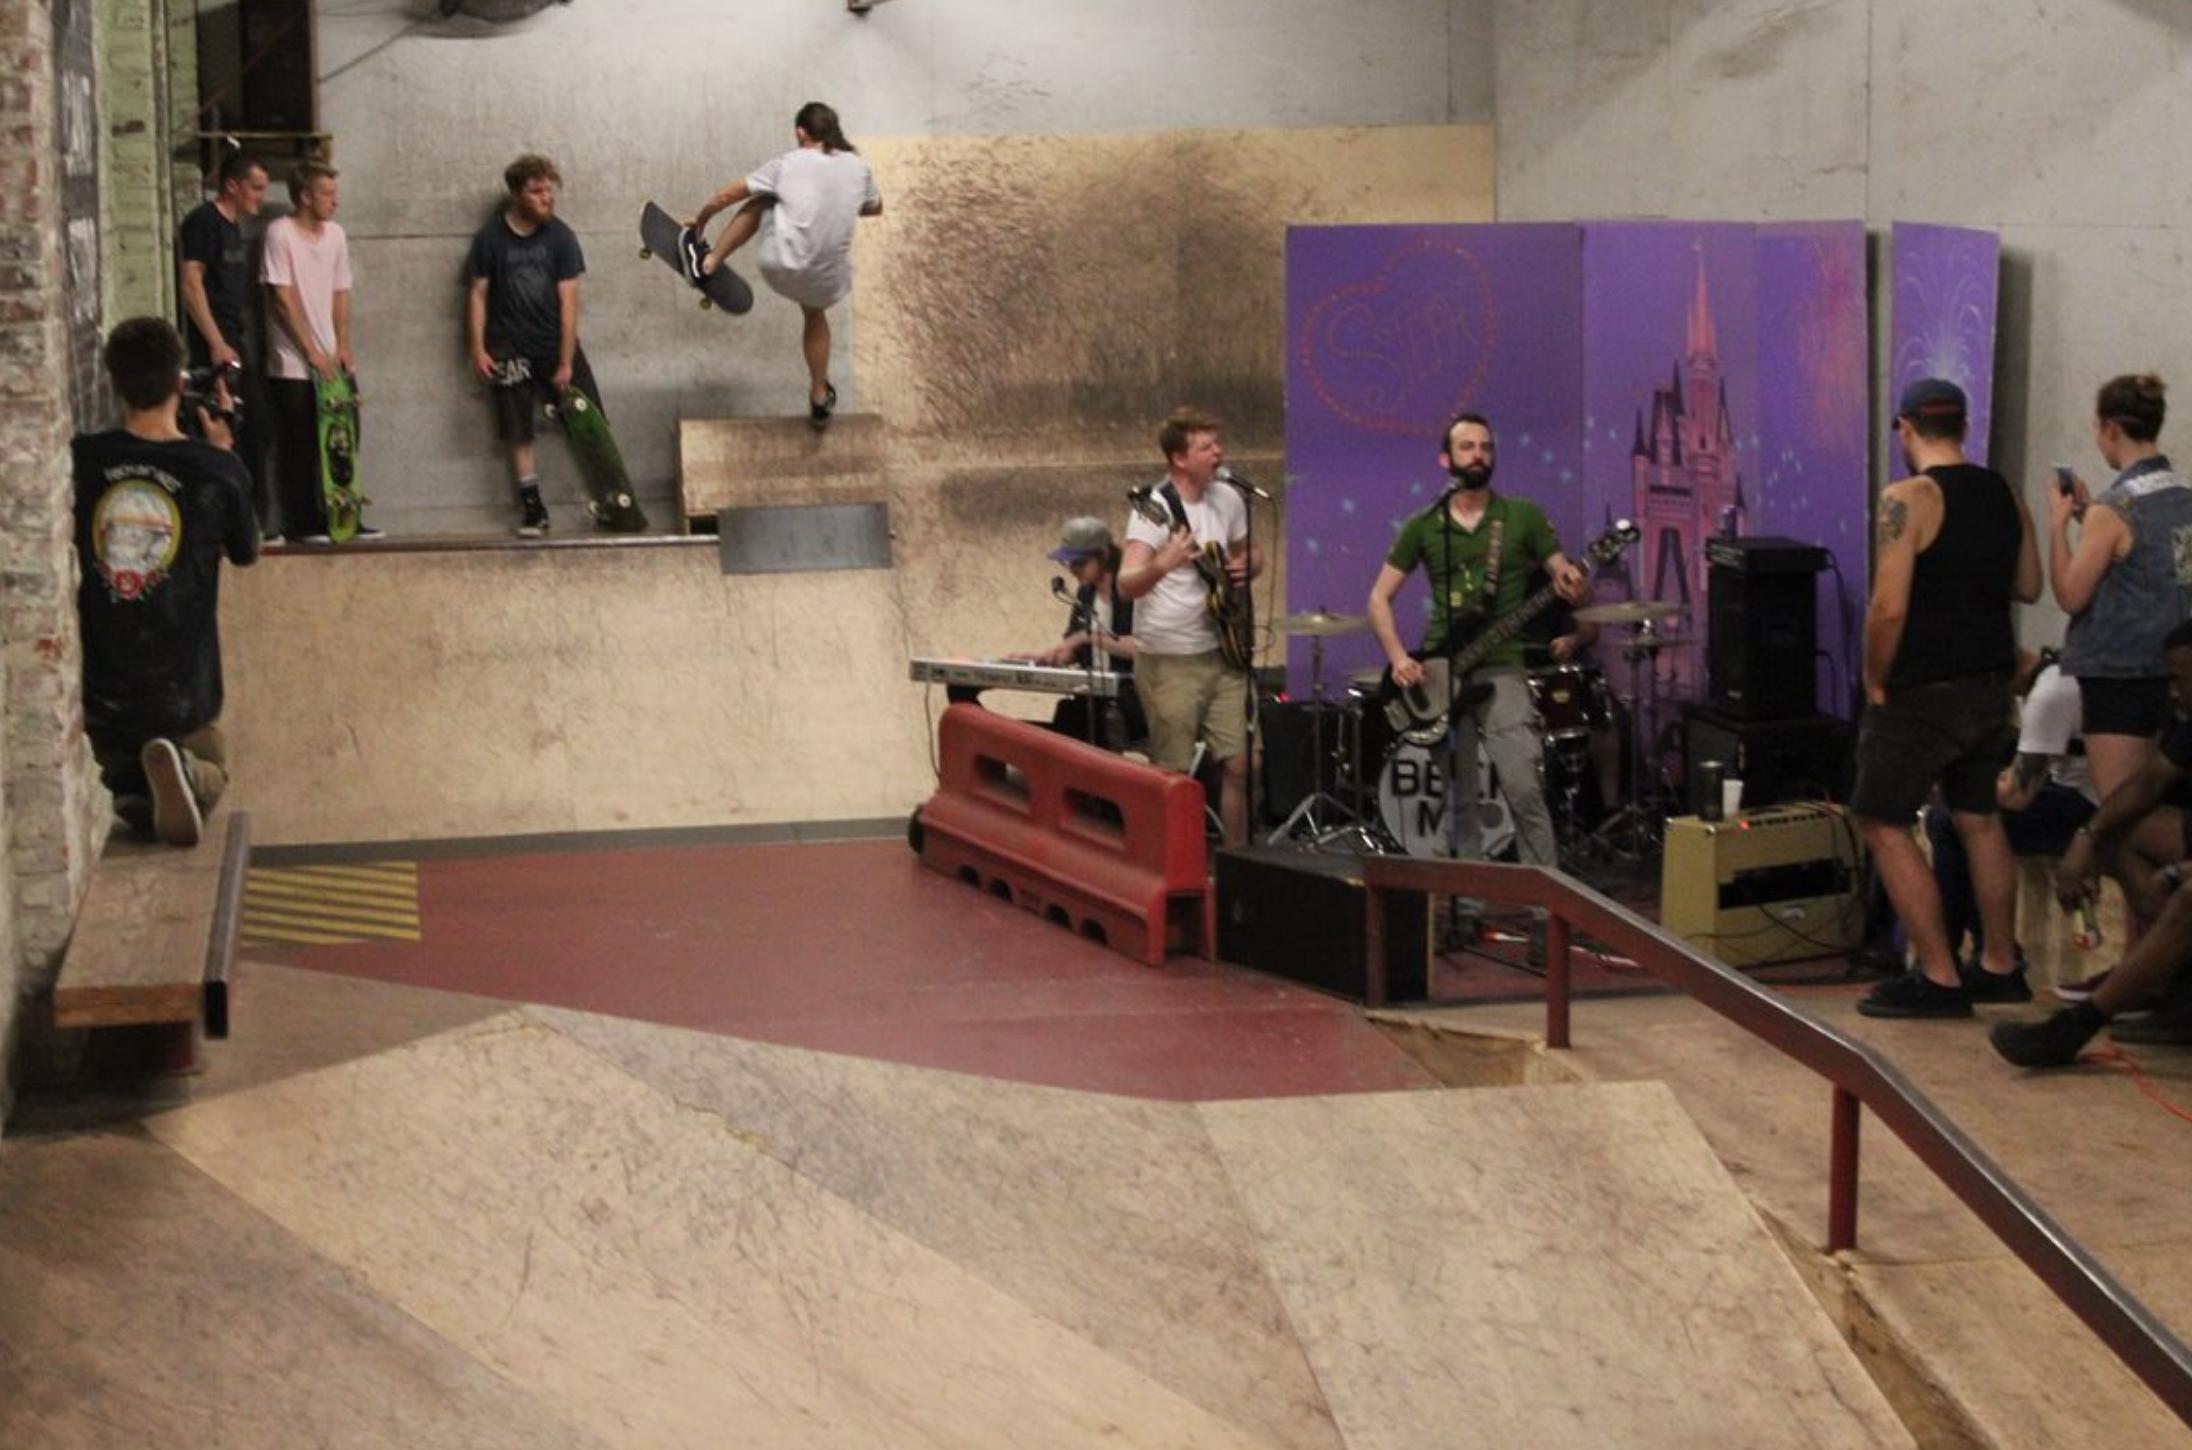 PLAY: Skate the Foundry (PA)